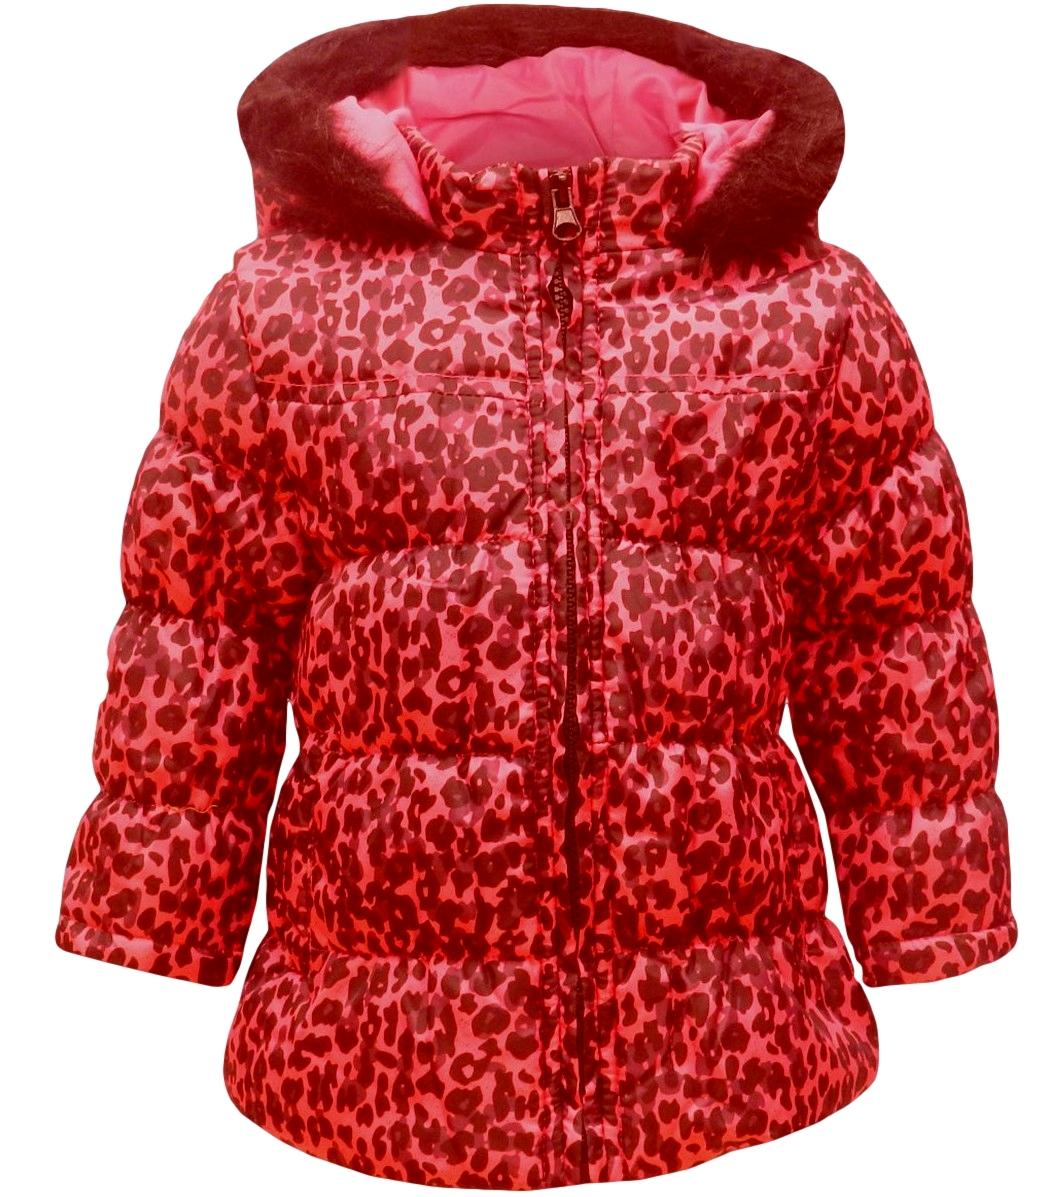 Dívčí zimní kabátek Minx vel. 98-104 růžový s černou 98-104